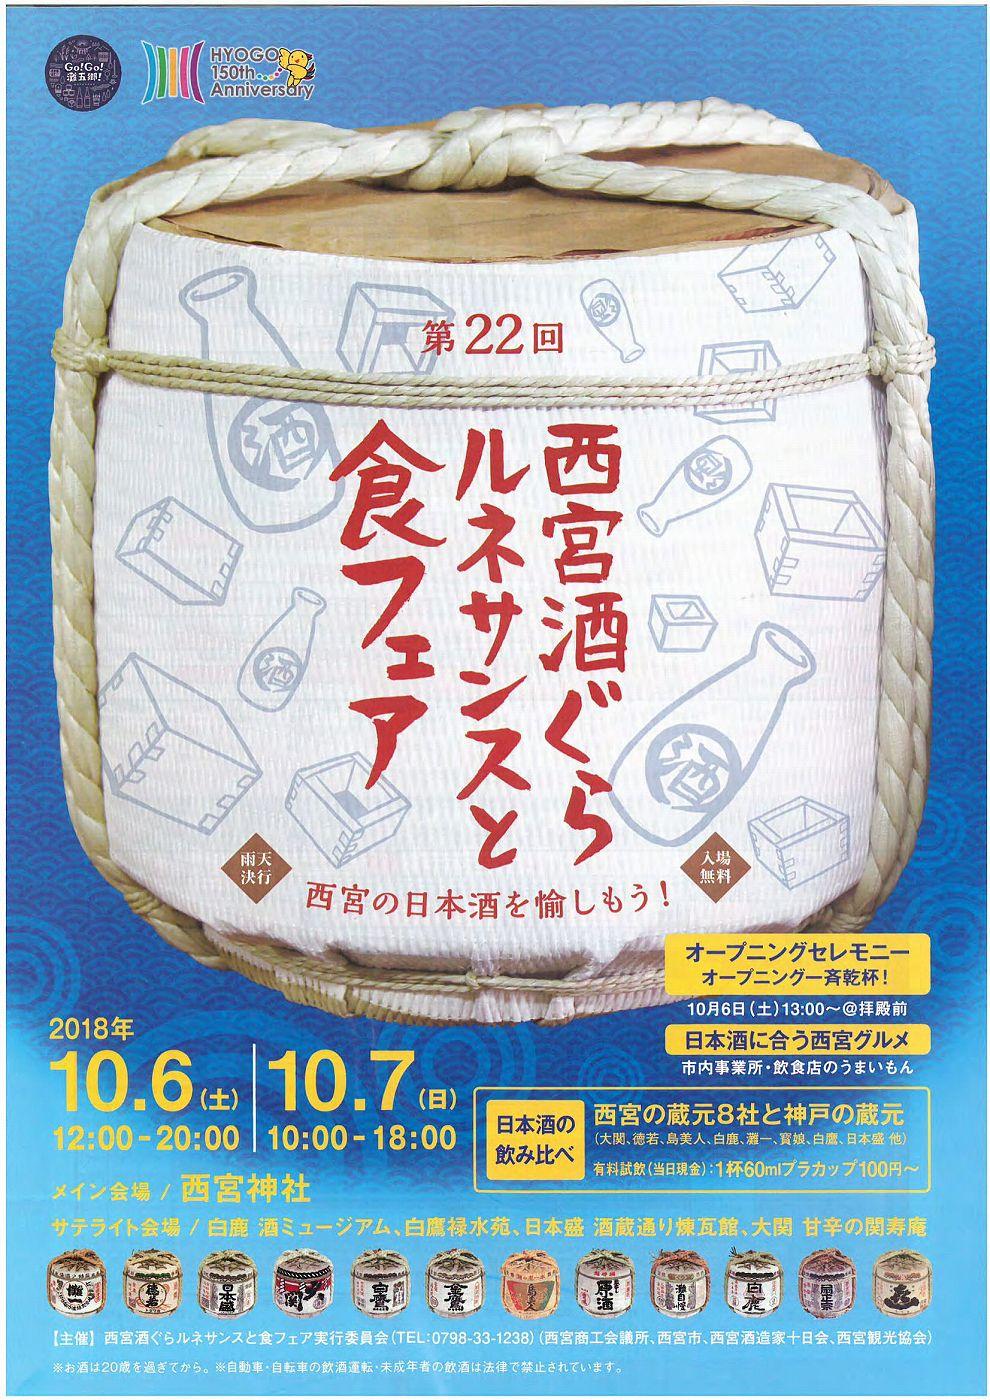 【※開催中止】「日本酒の日」にちなみ、西宮神社周辺で10月6日(土)・7日(日)に「第22回西宮酒ぐらルネサンスと食フェア」が開催されるよ! #西宮神社 #日本酒 #西宮グルメ #日本酒の日 #連休イベント